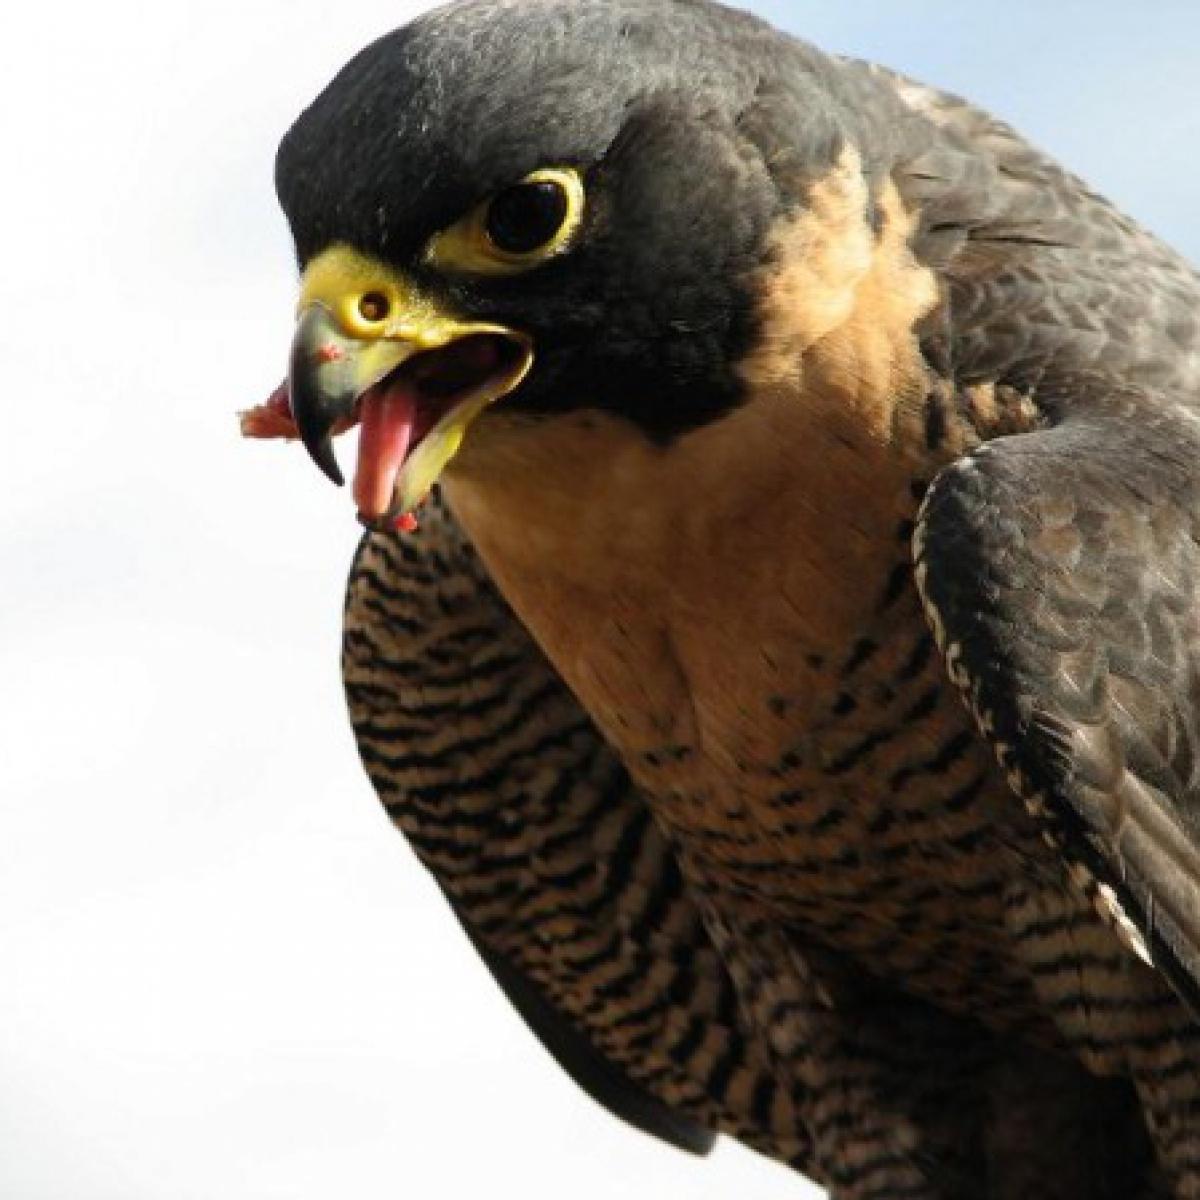 302 Peregrine Falcon